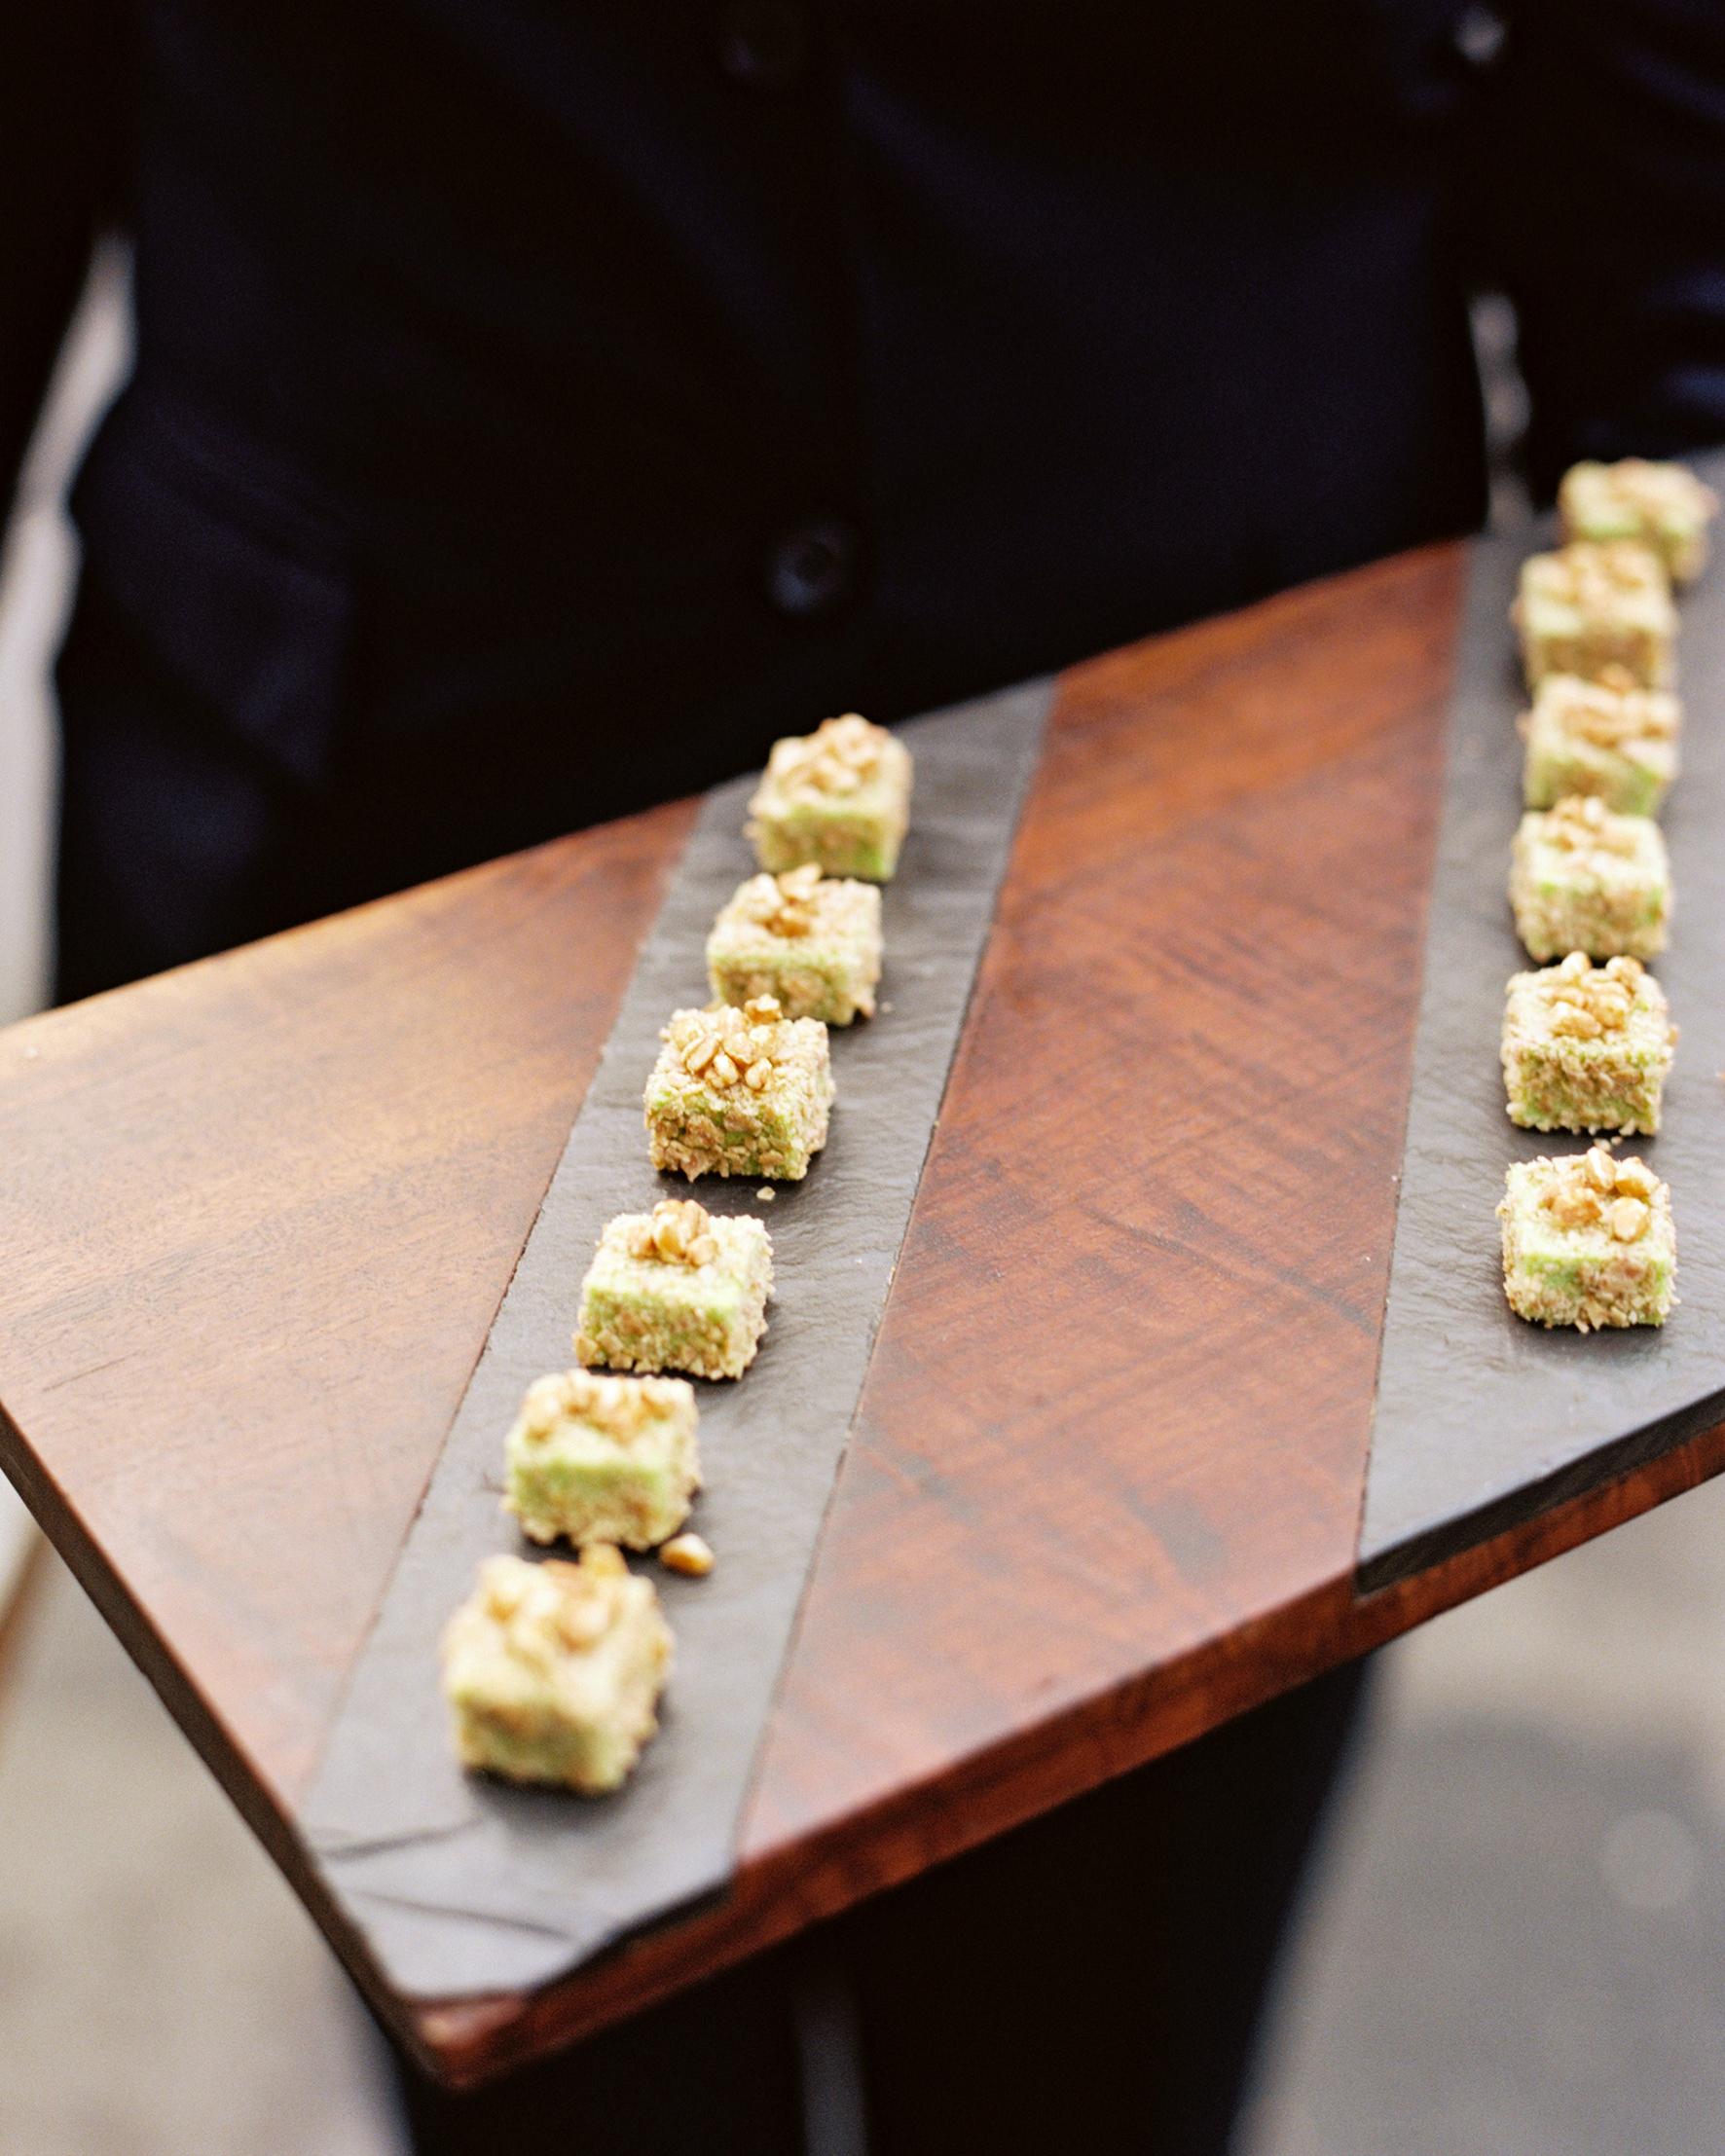 sydney-christina-wedding-food-071-s111743-0115.jpg